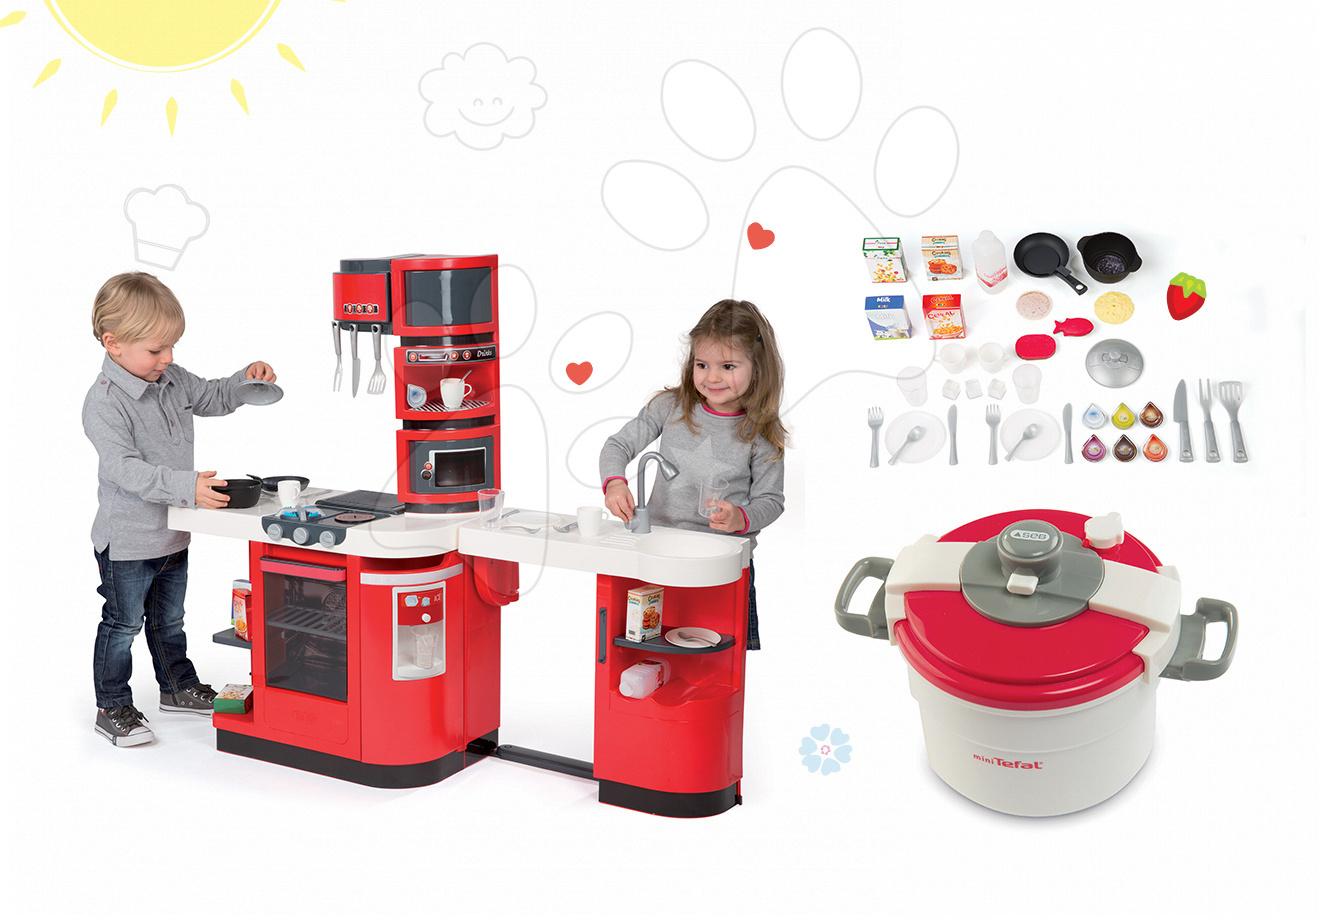 Kuchynky pre deti sety - Set kuchynka CookMaster Smoby so zvukmi a ľadom a tlakový hrniec Tefal Clipso